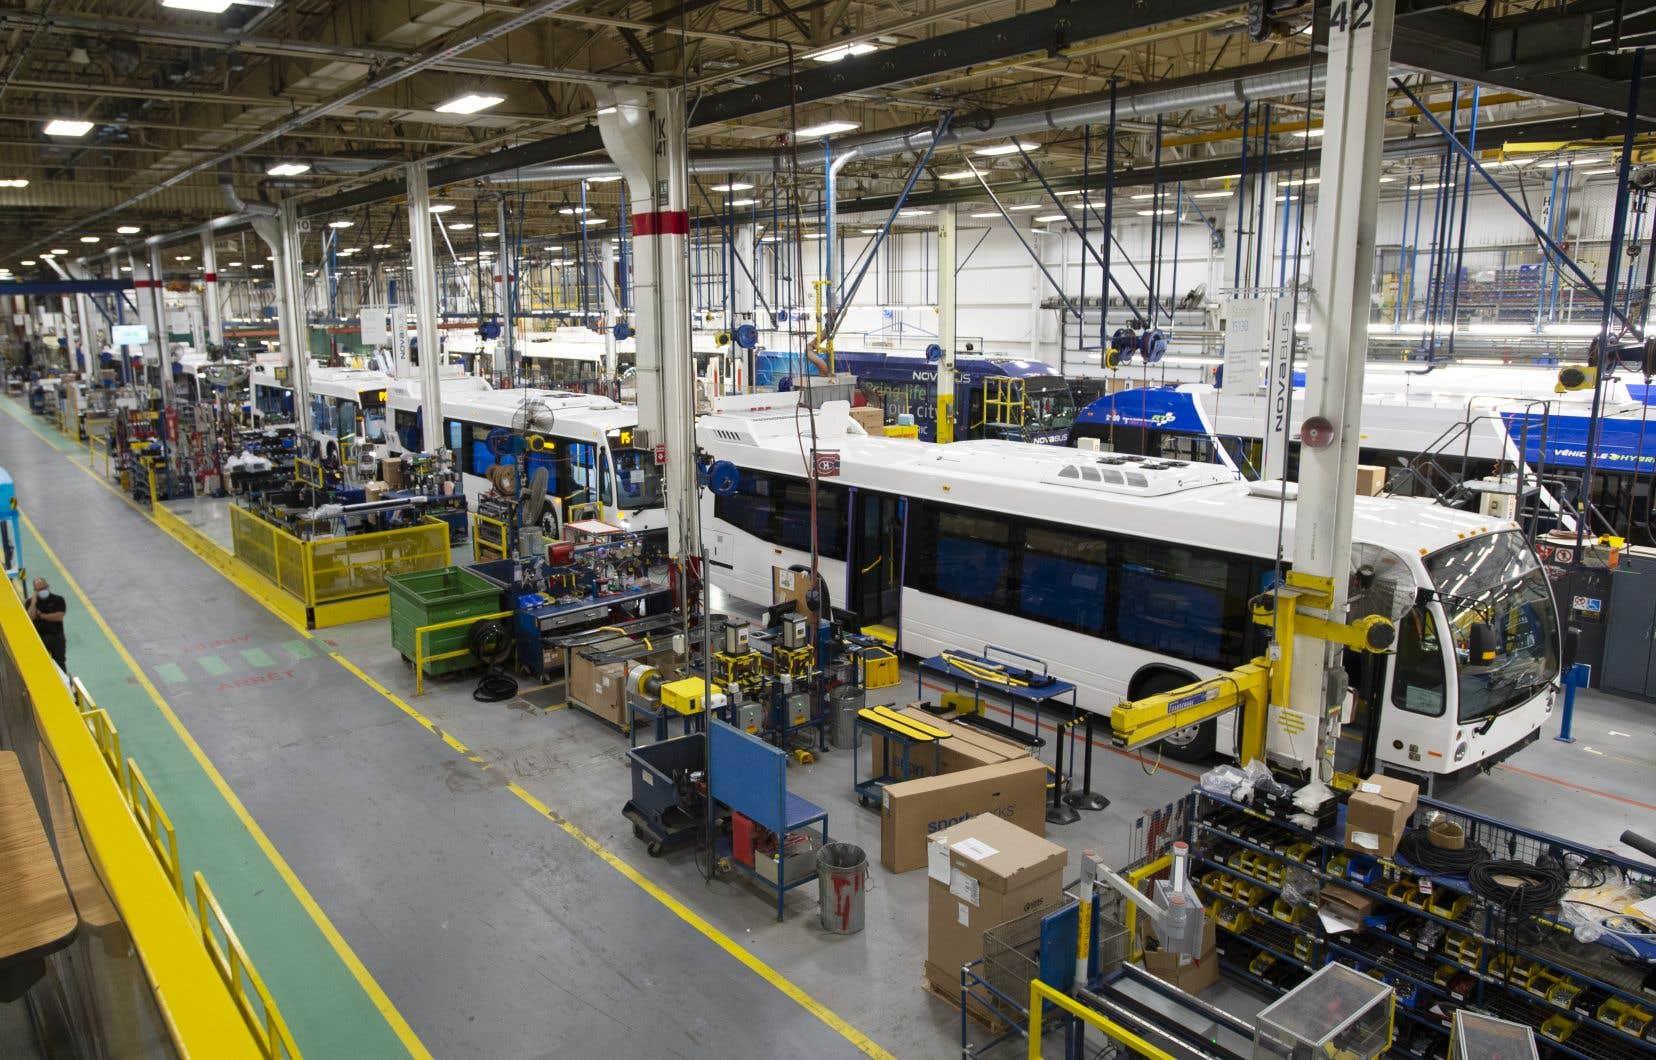 Les produits fabriqués au Canada sont confrontés à des difficultés sur le marché en raison du nombre croissant de dispositions d'achats locaux «Buy American» aux États-Unis.